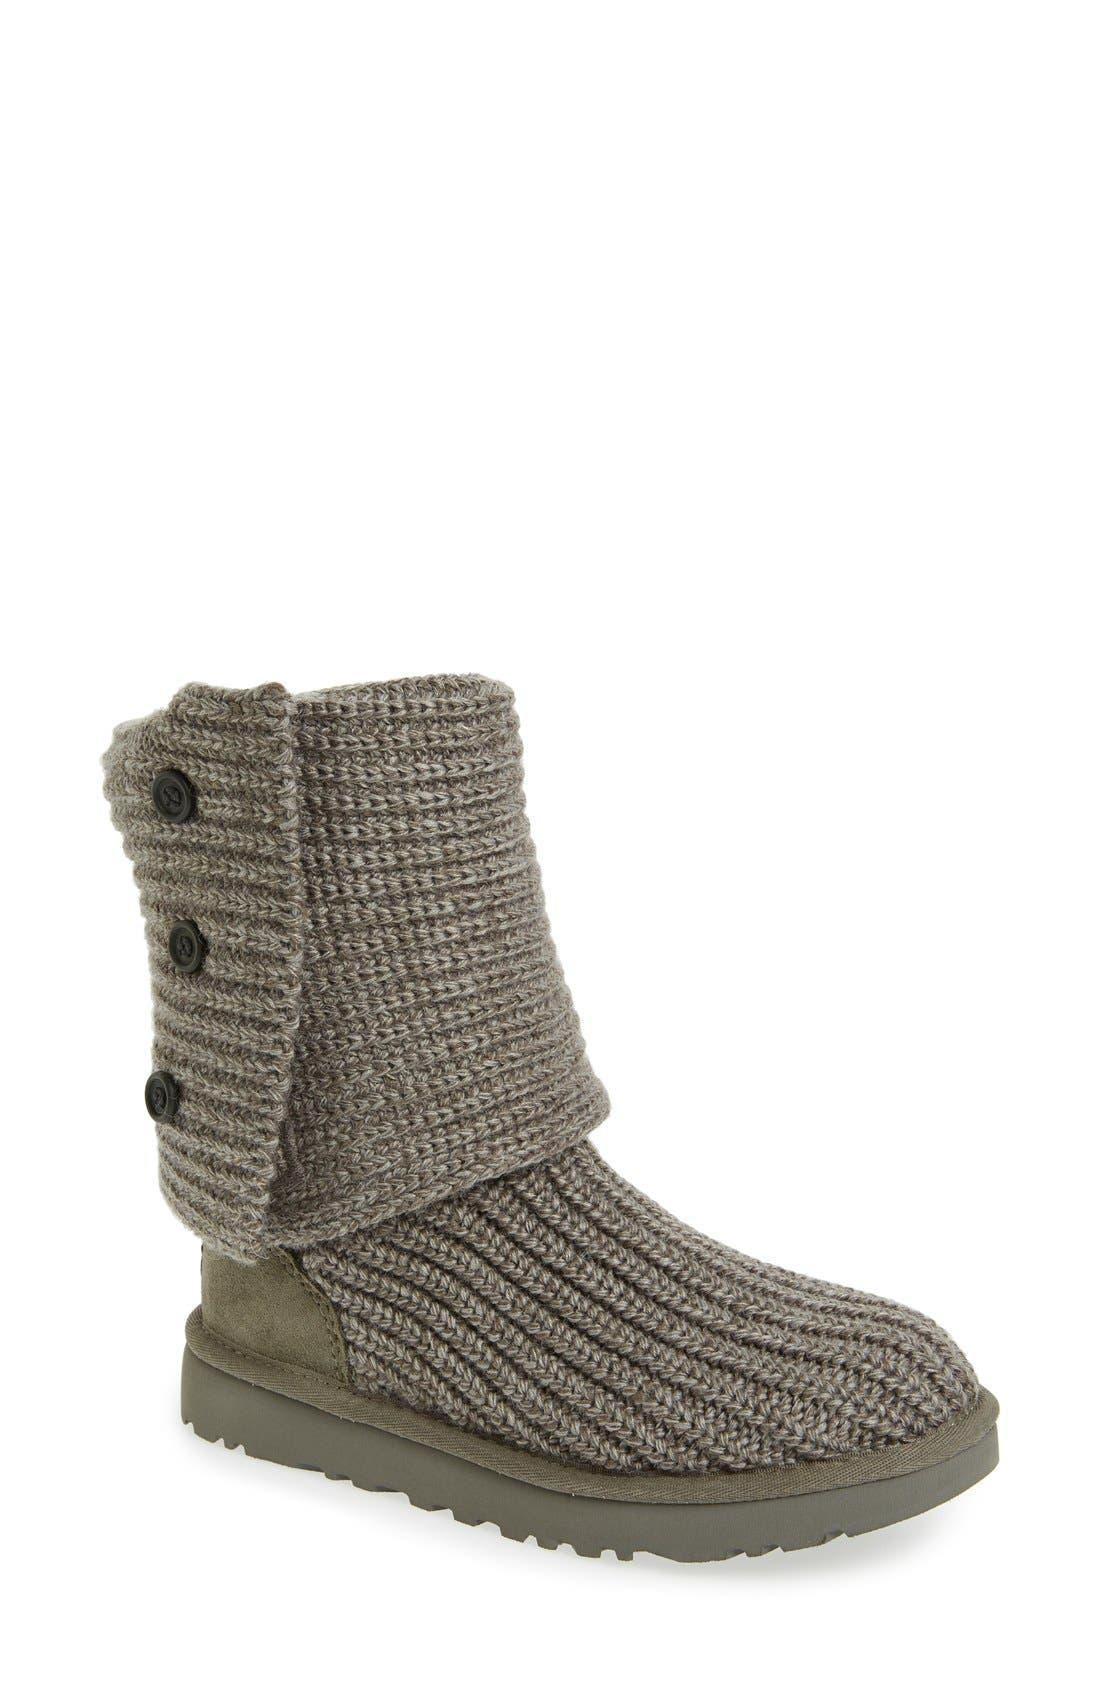 Main Image - UGG® Classic Cardy II Knit Boot (Women)